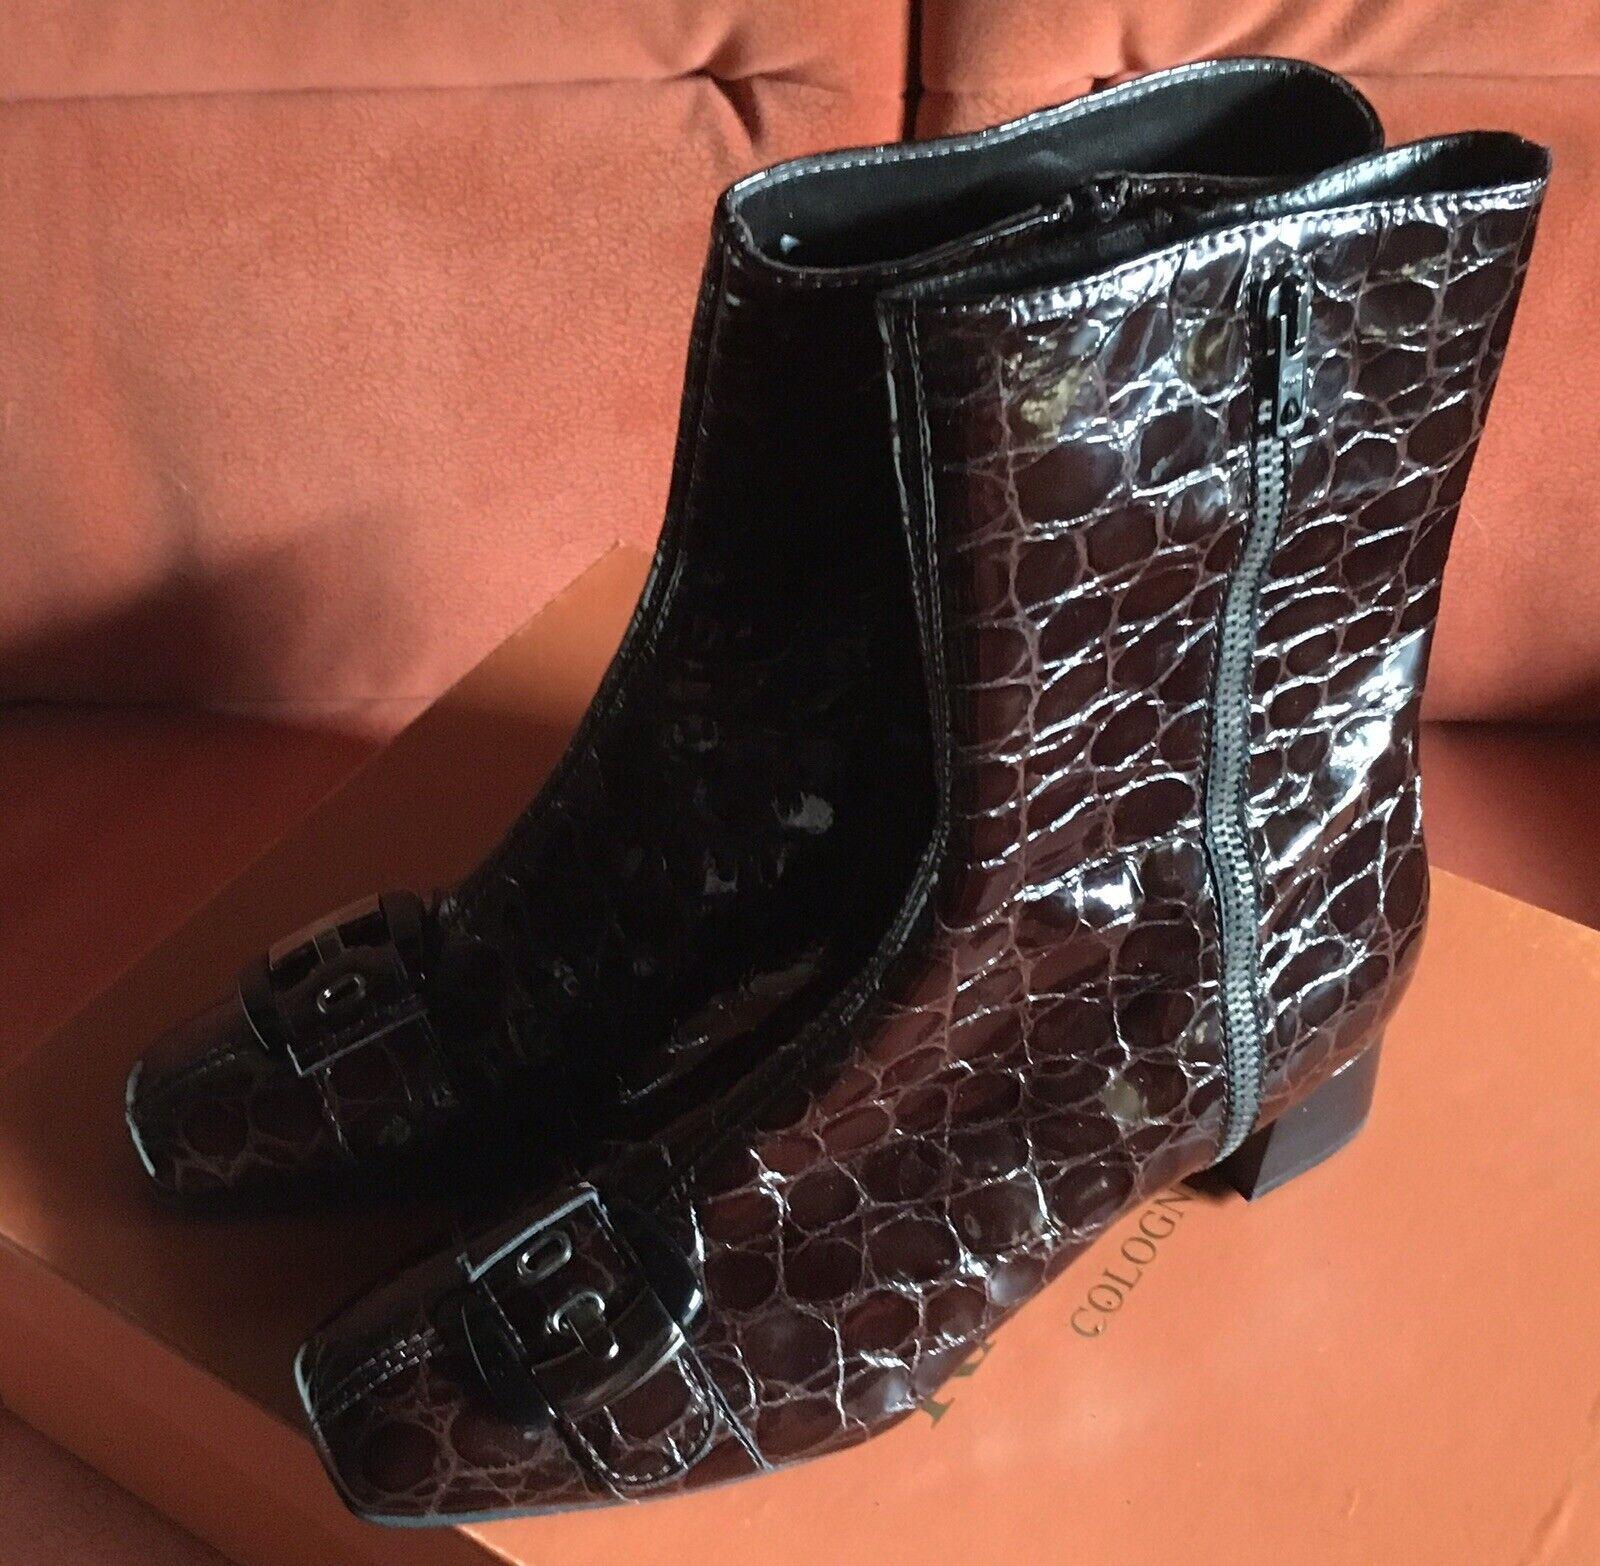 Superbe Stiefel RAPHAEL COLOGNE dunkelbraunes Lackleder Reptildesign Gr.39,5 NEU